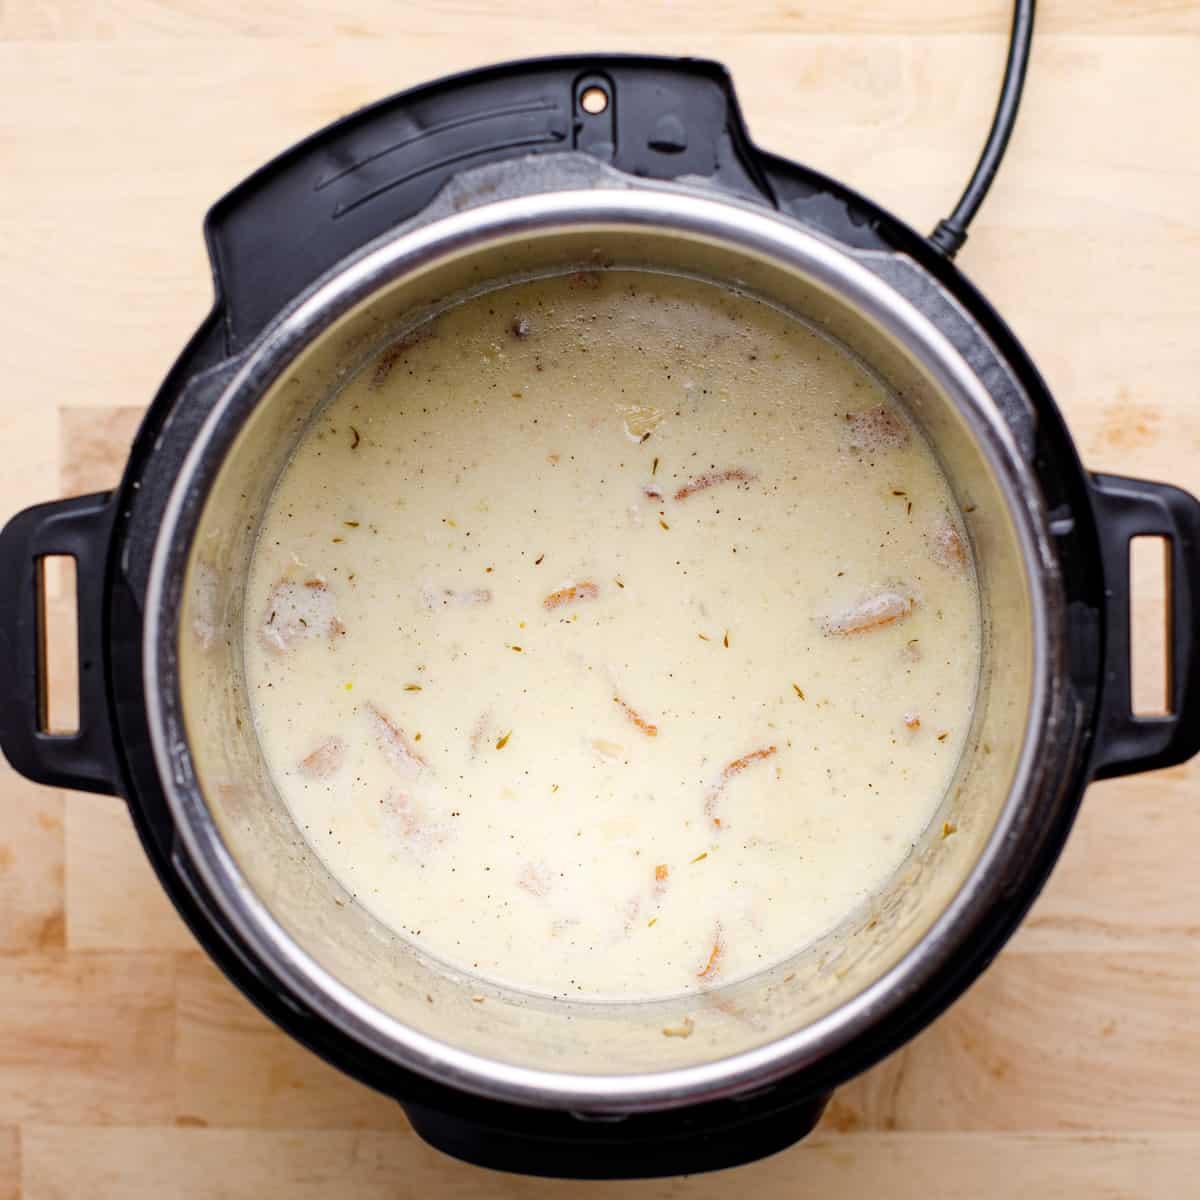 Creamy chowder